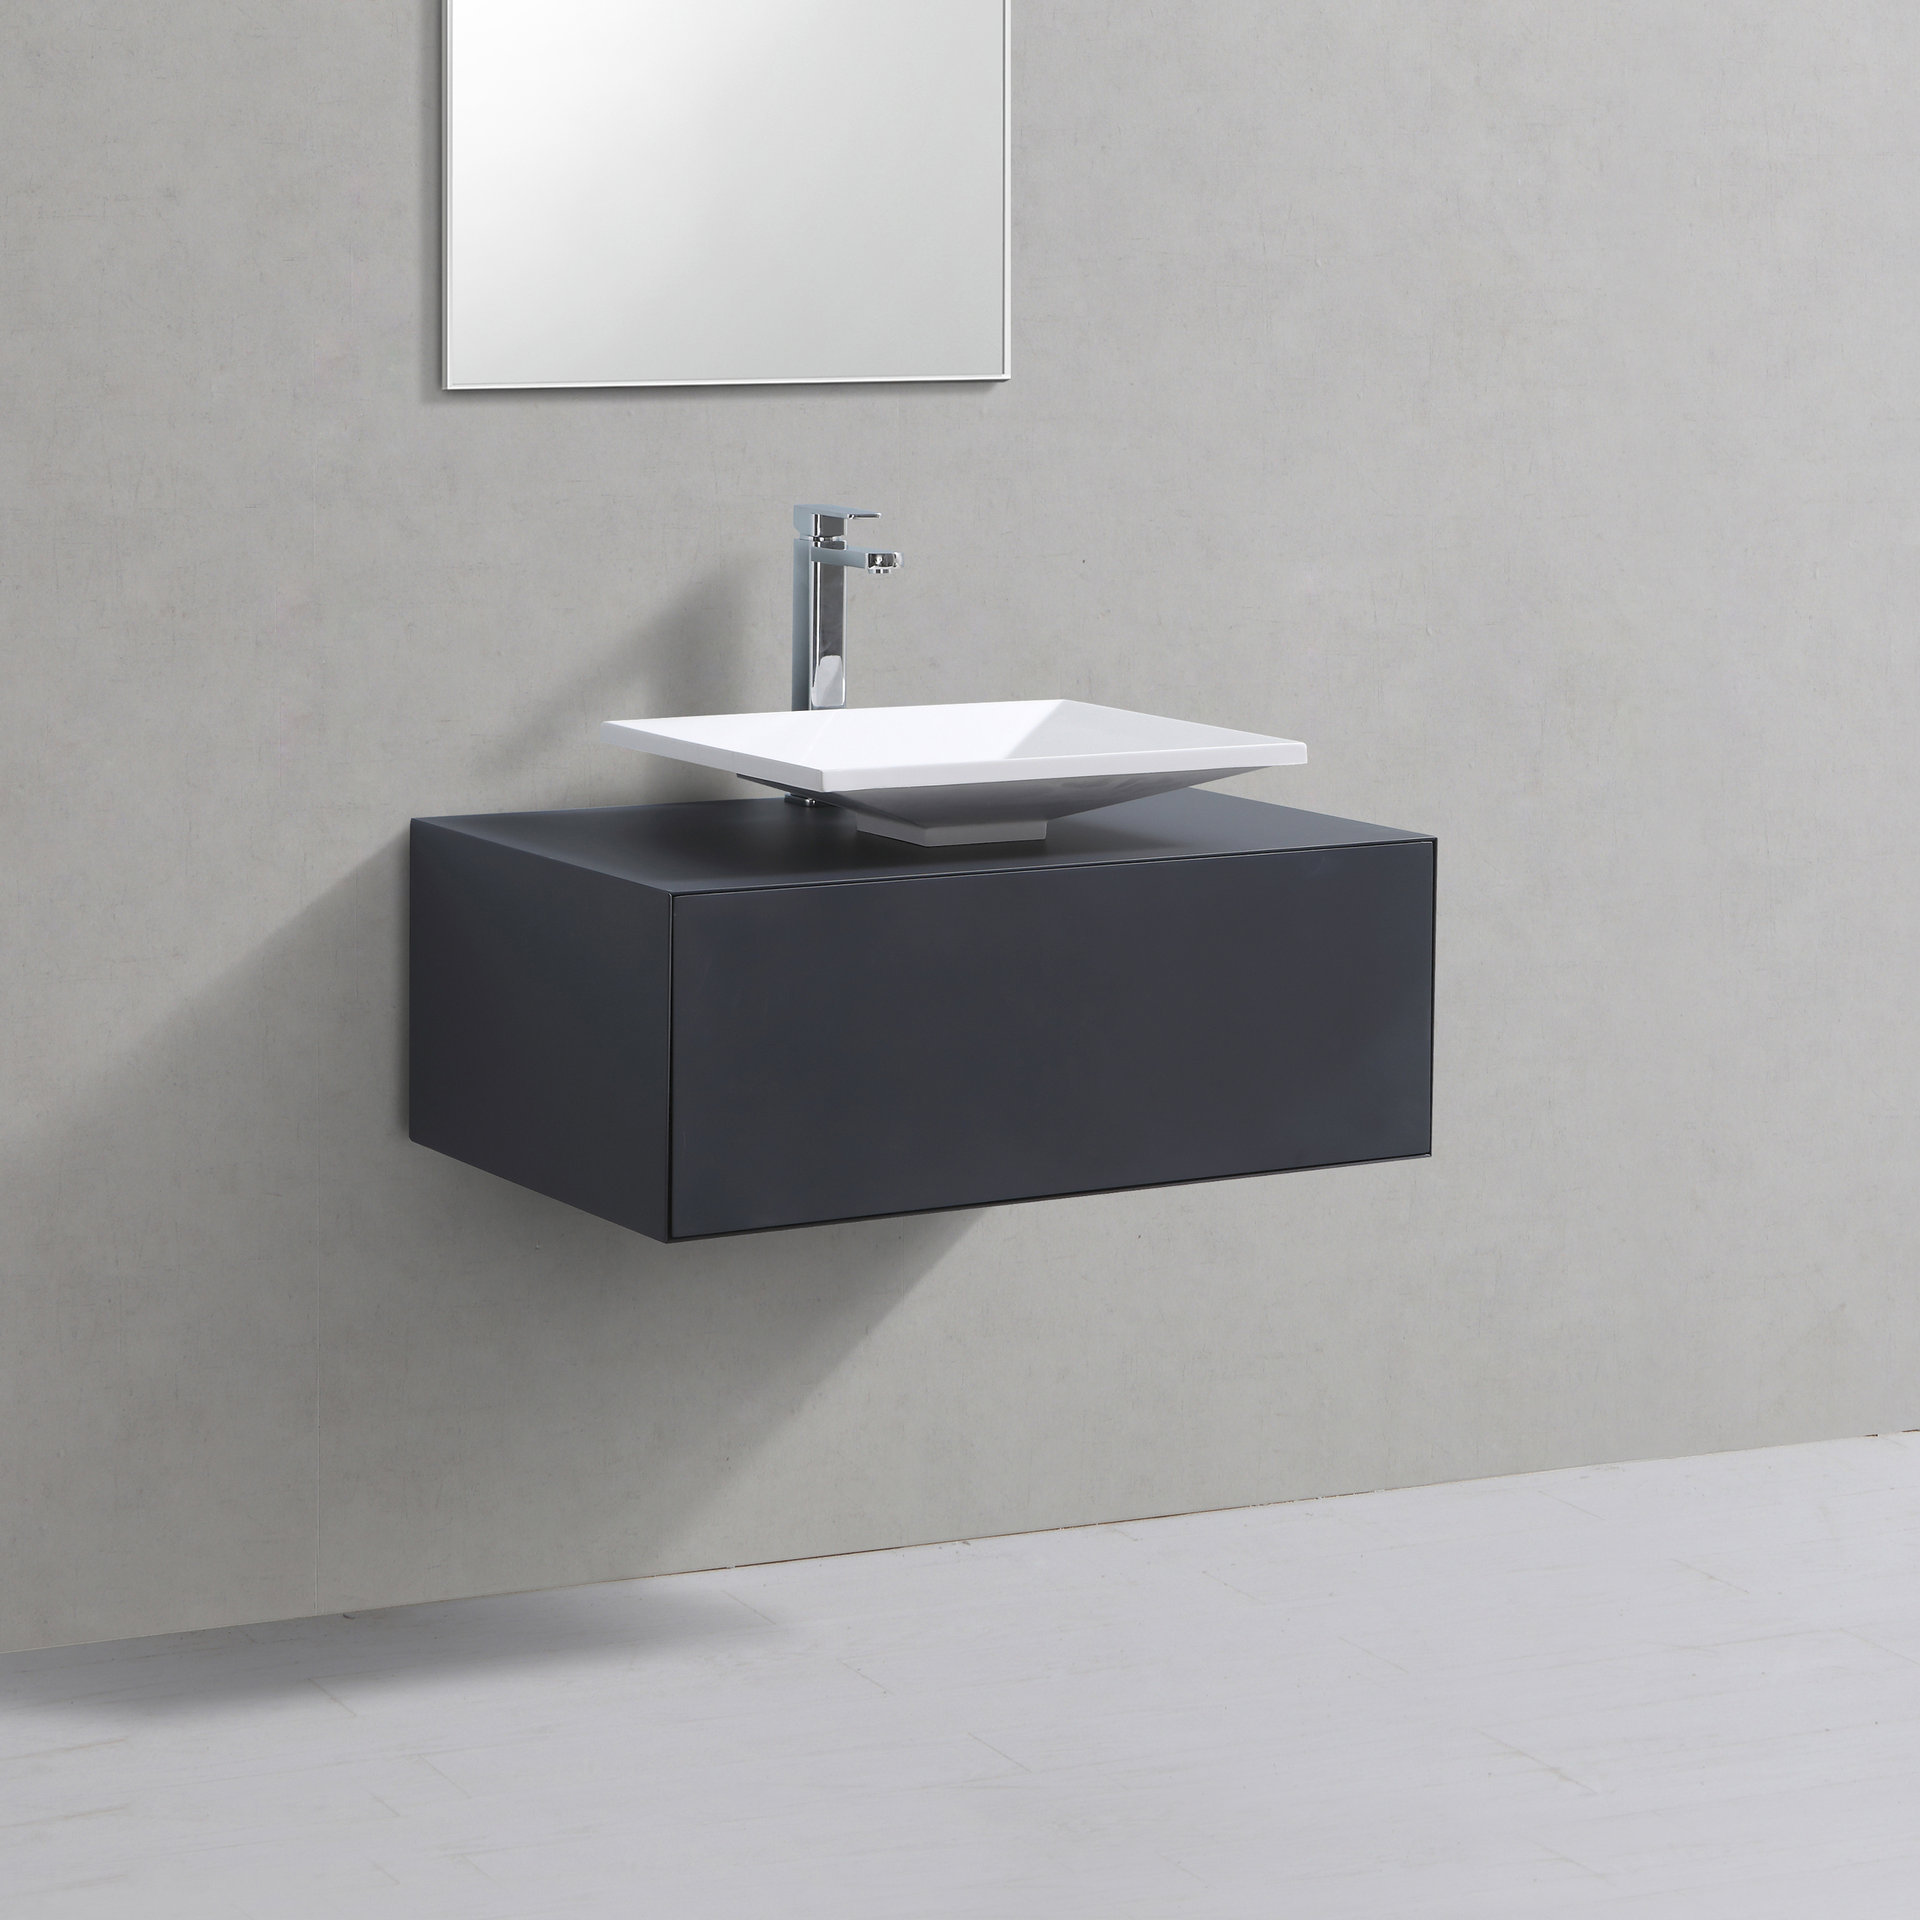 Badmöbel Unterschrank STELLAR 80 in grau inkl. Waschtisch